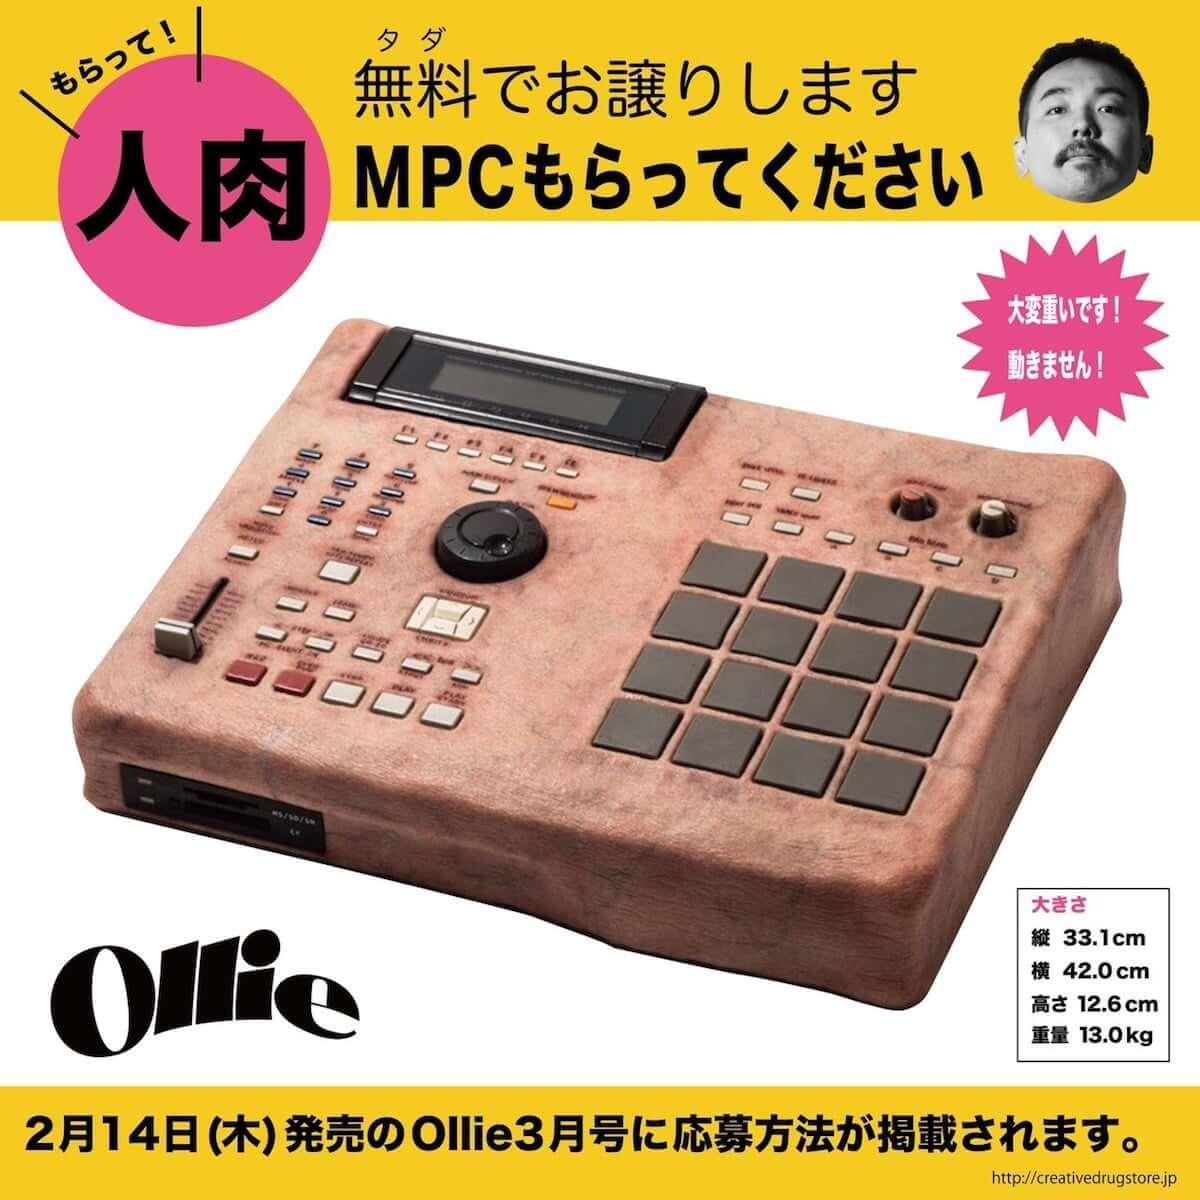 絶対に手に入れたい。dooooの人肉MPCプレゼント企画の応募方法が本日発売のOllie3月号に掲載 music190214-doooo-1-1200x1200